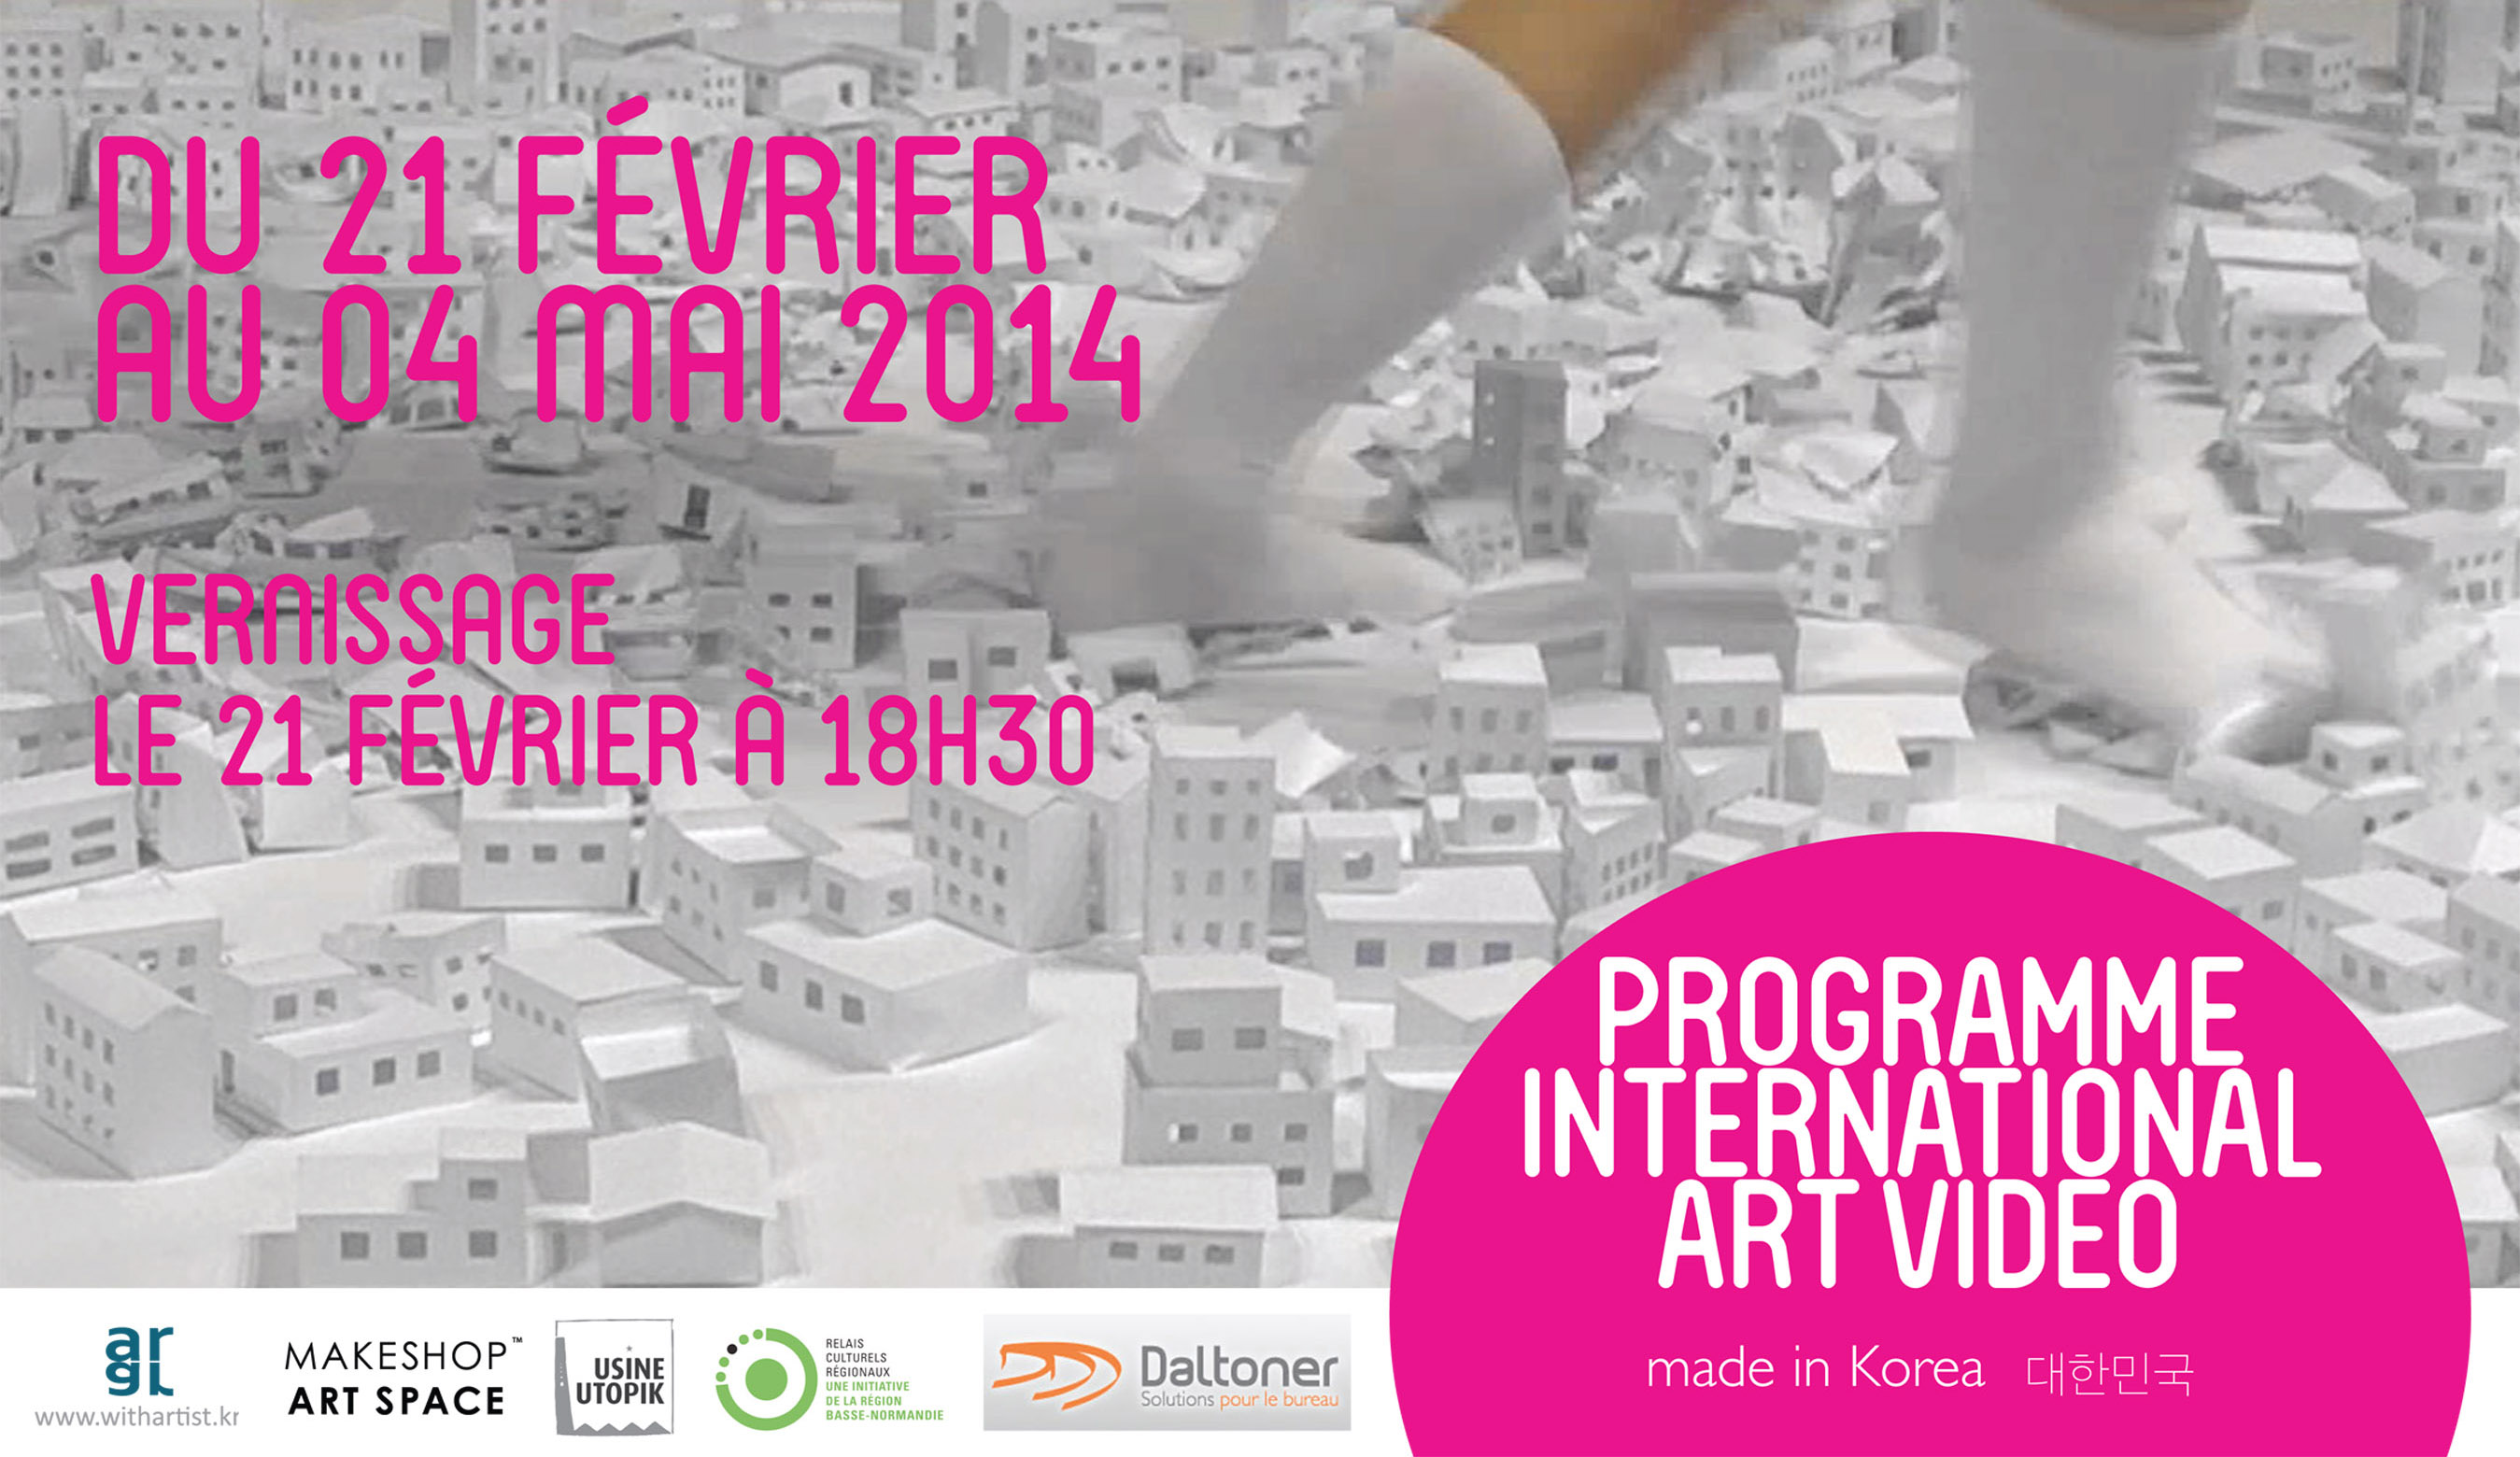 프랑스 노르망디 유진 유토픽 국제 아트 비디오 페스티벌